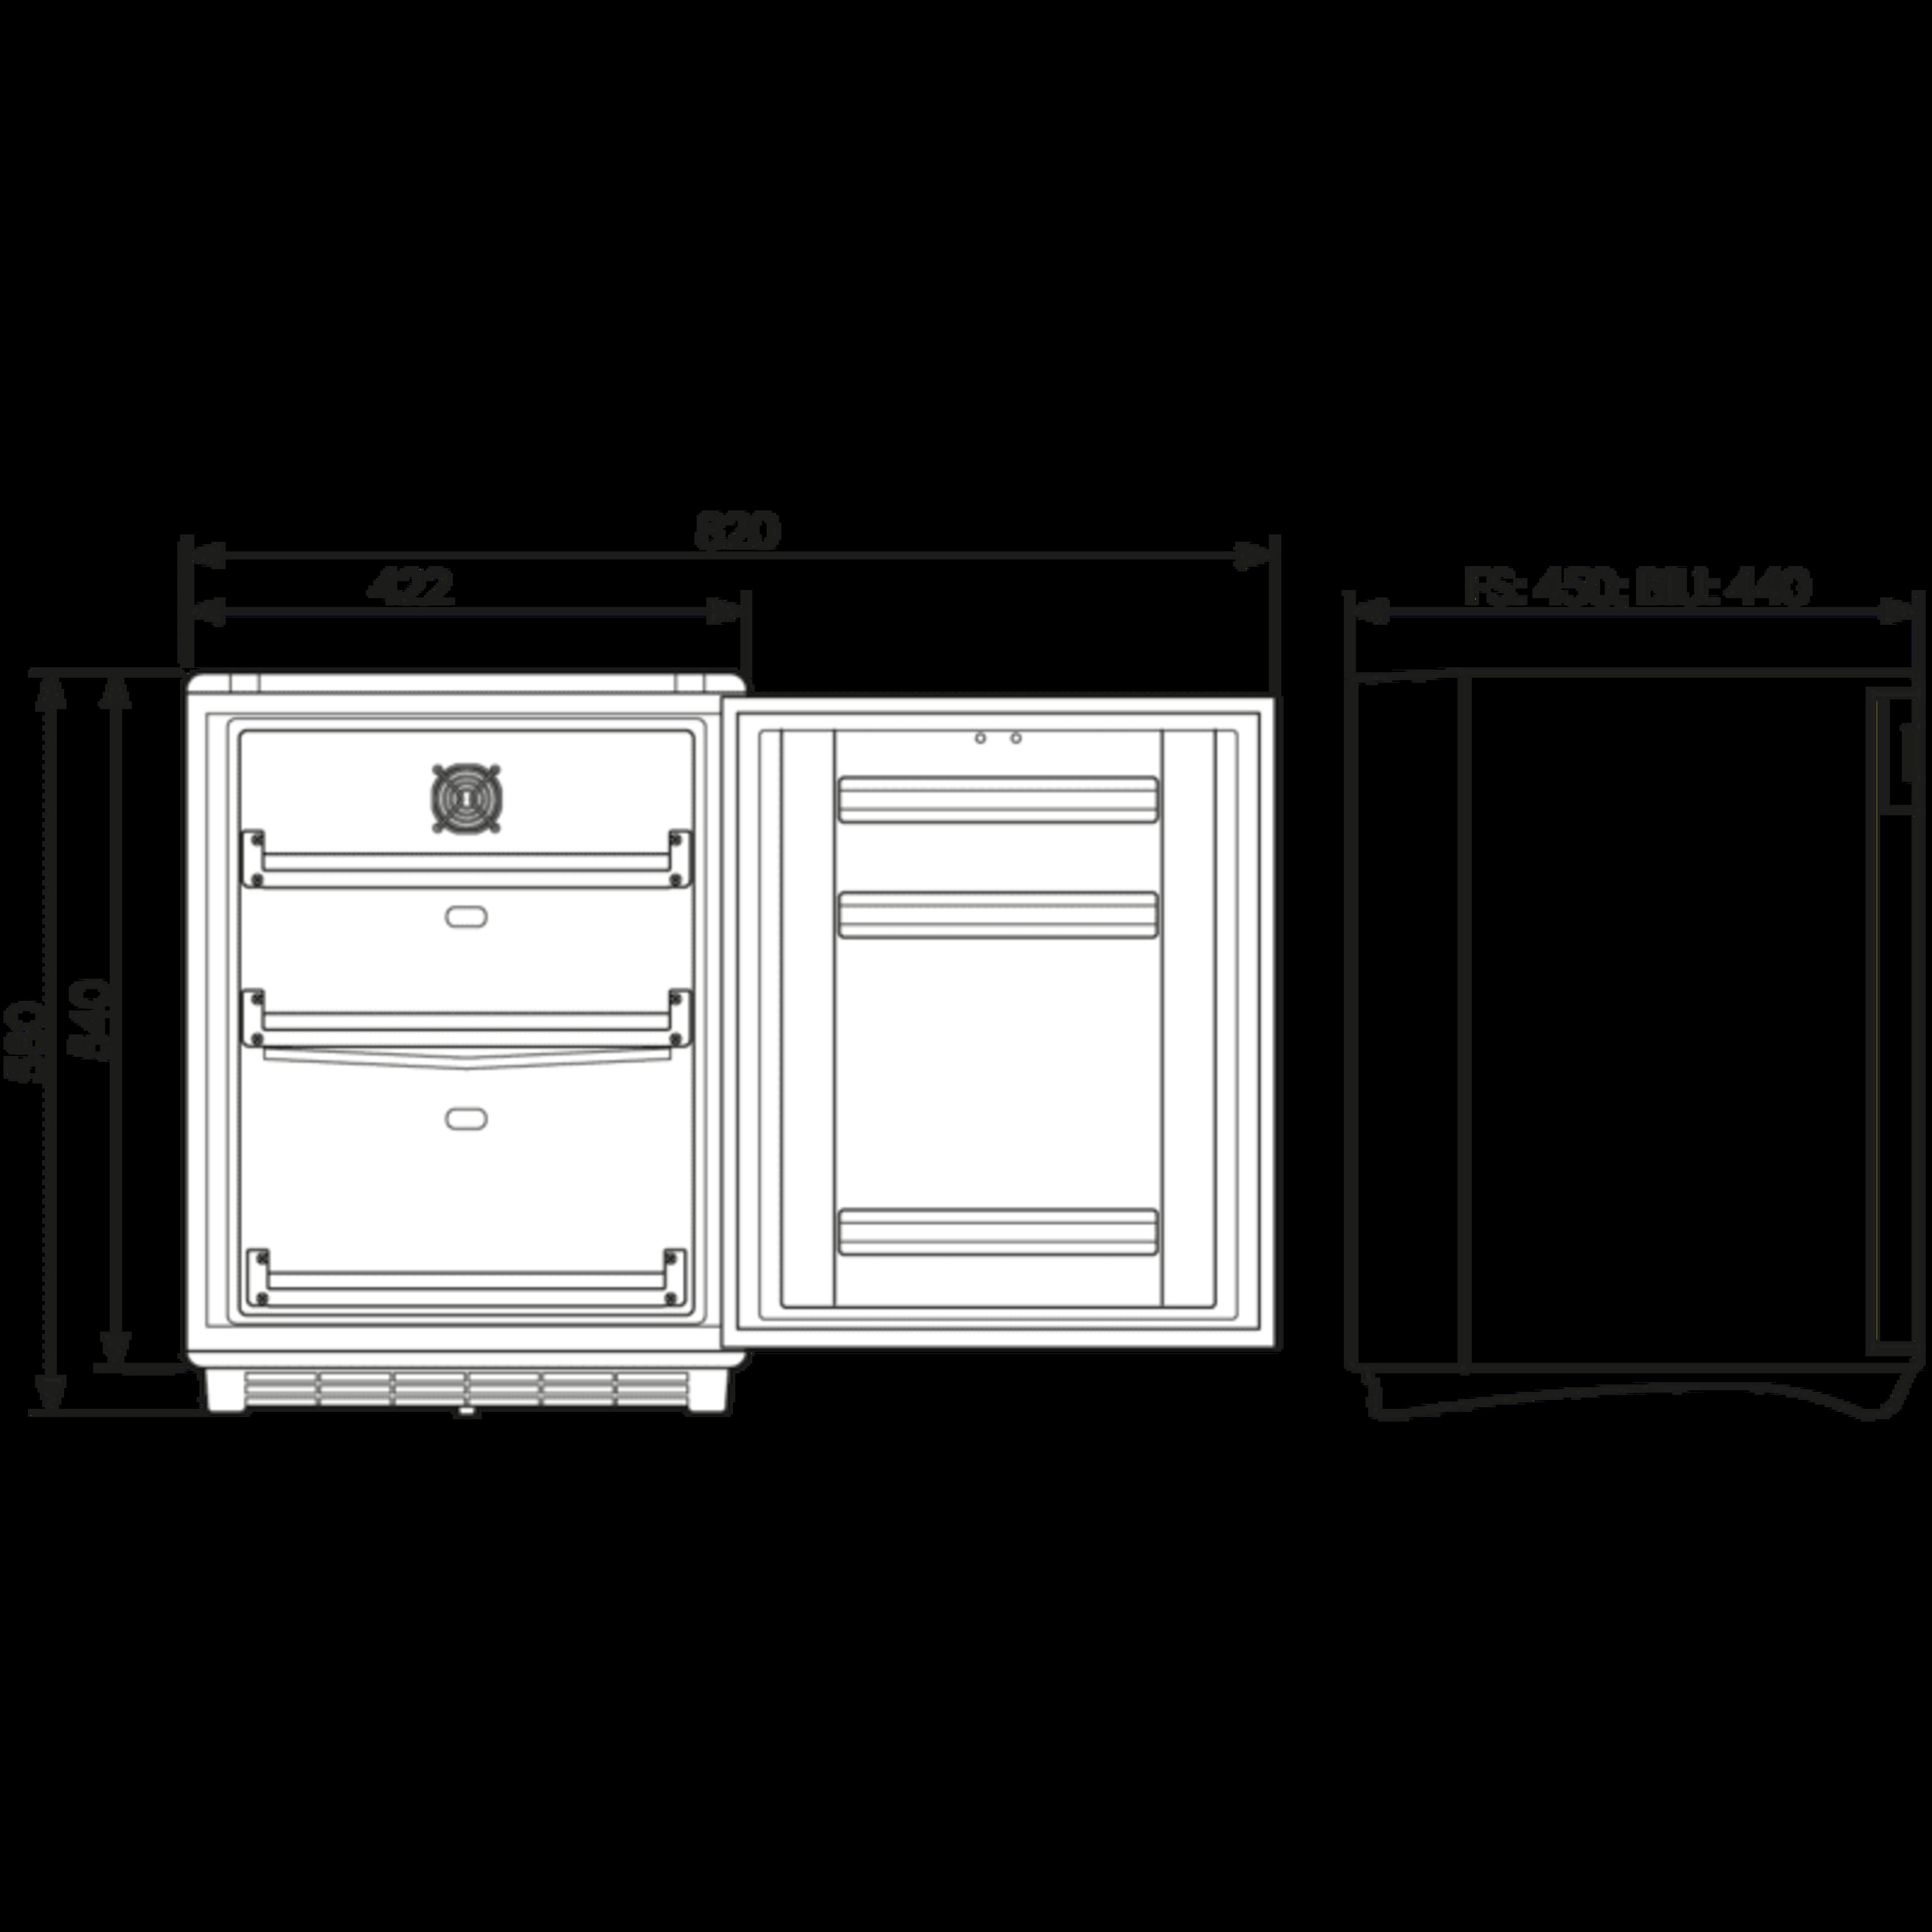 HC302D Dimensions